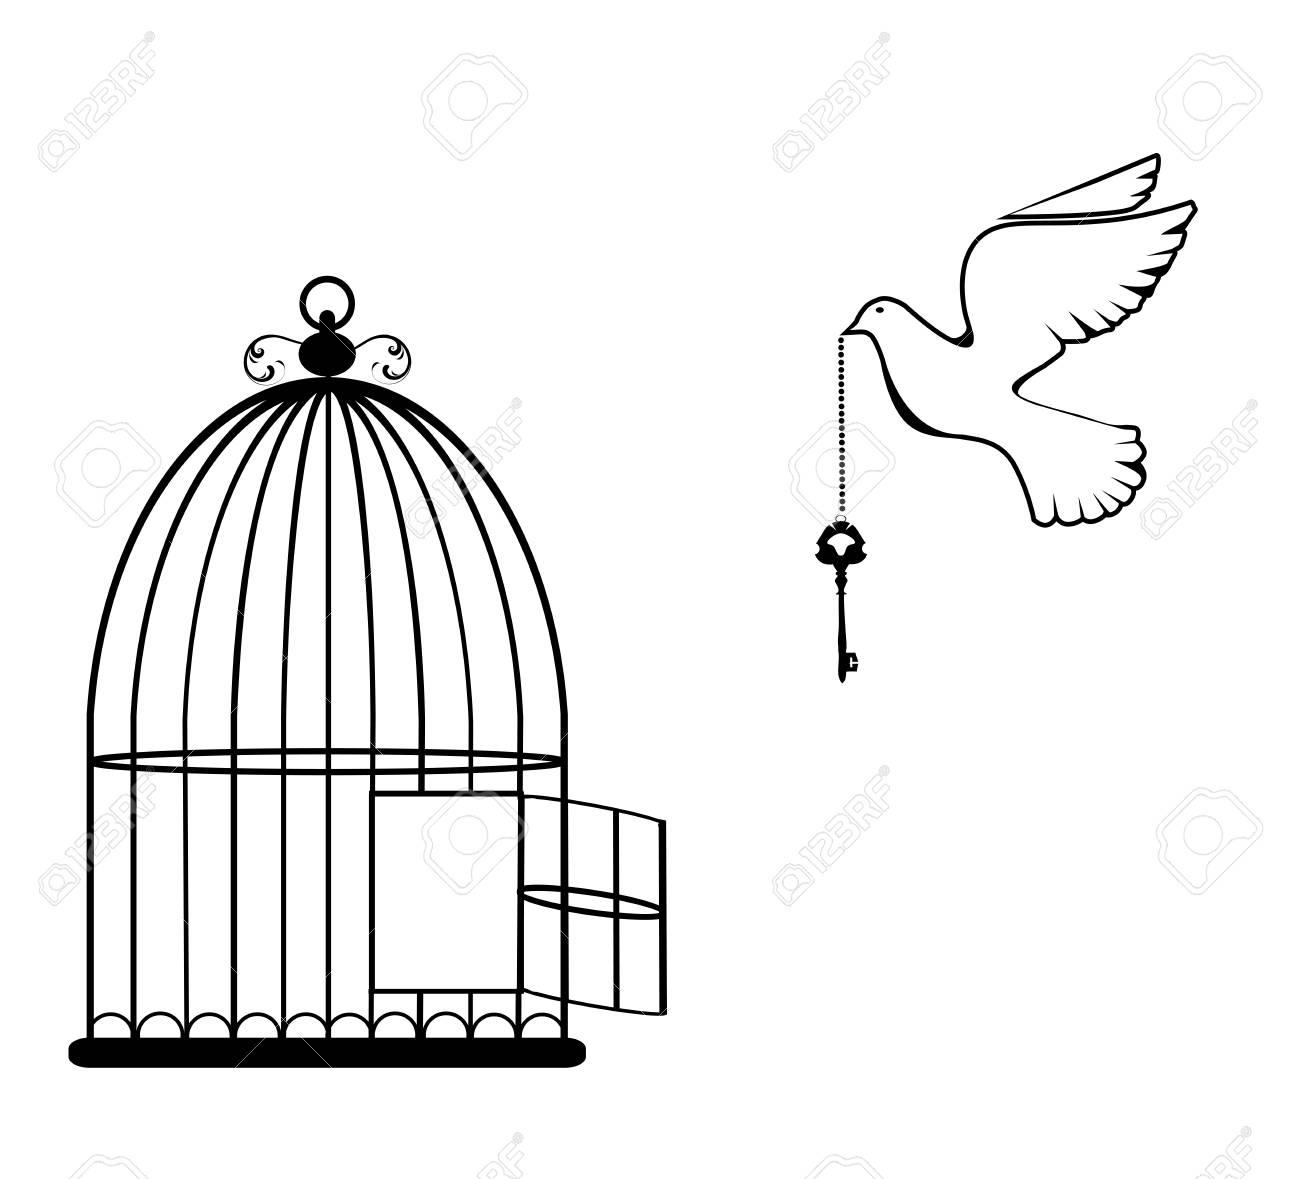 Illustration Vectorielle D'une Cage À Oiseaux Ouverte Avec Colombe Et Clé serapportantà Dessin De Cage D Oiseau